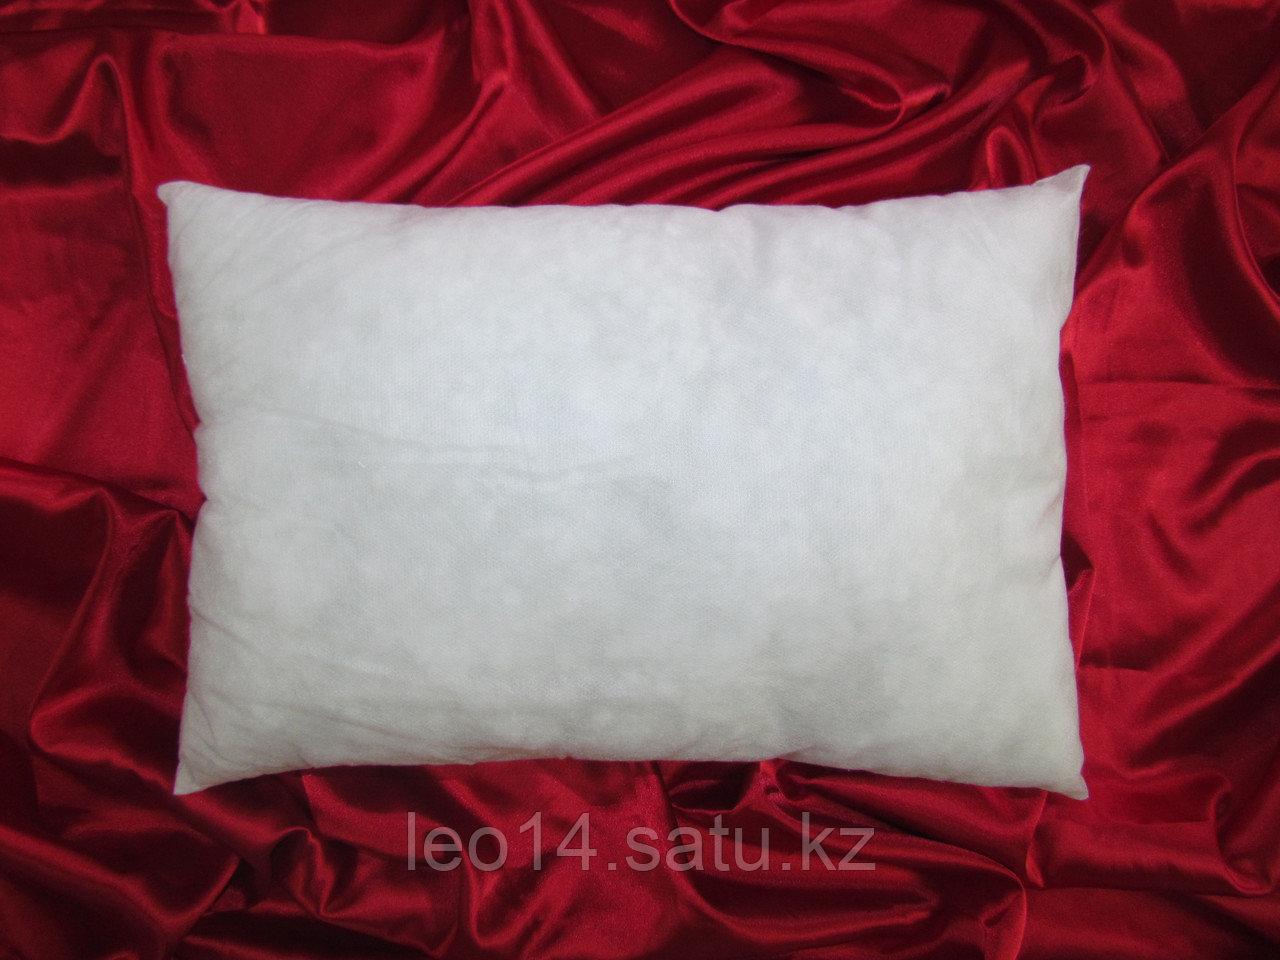 Подушка без наволочки 30х40 см. Спанбонд